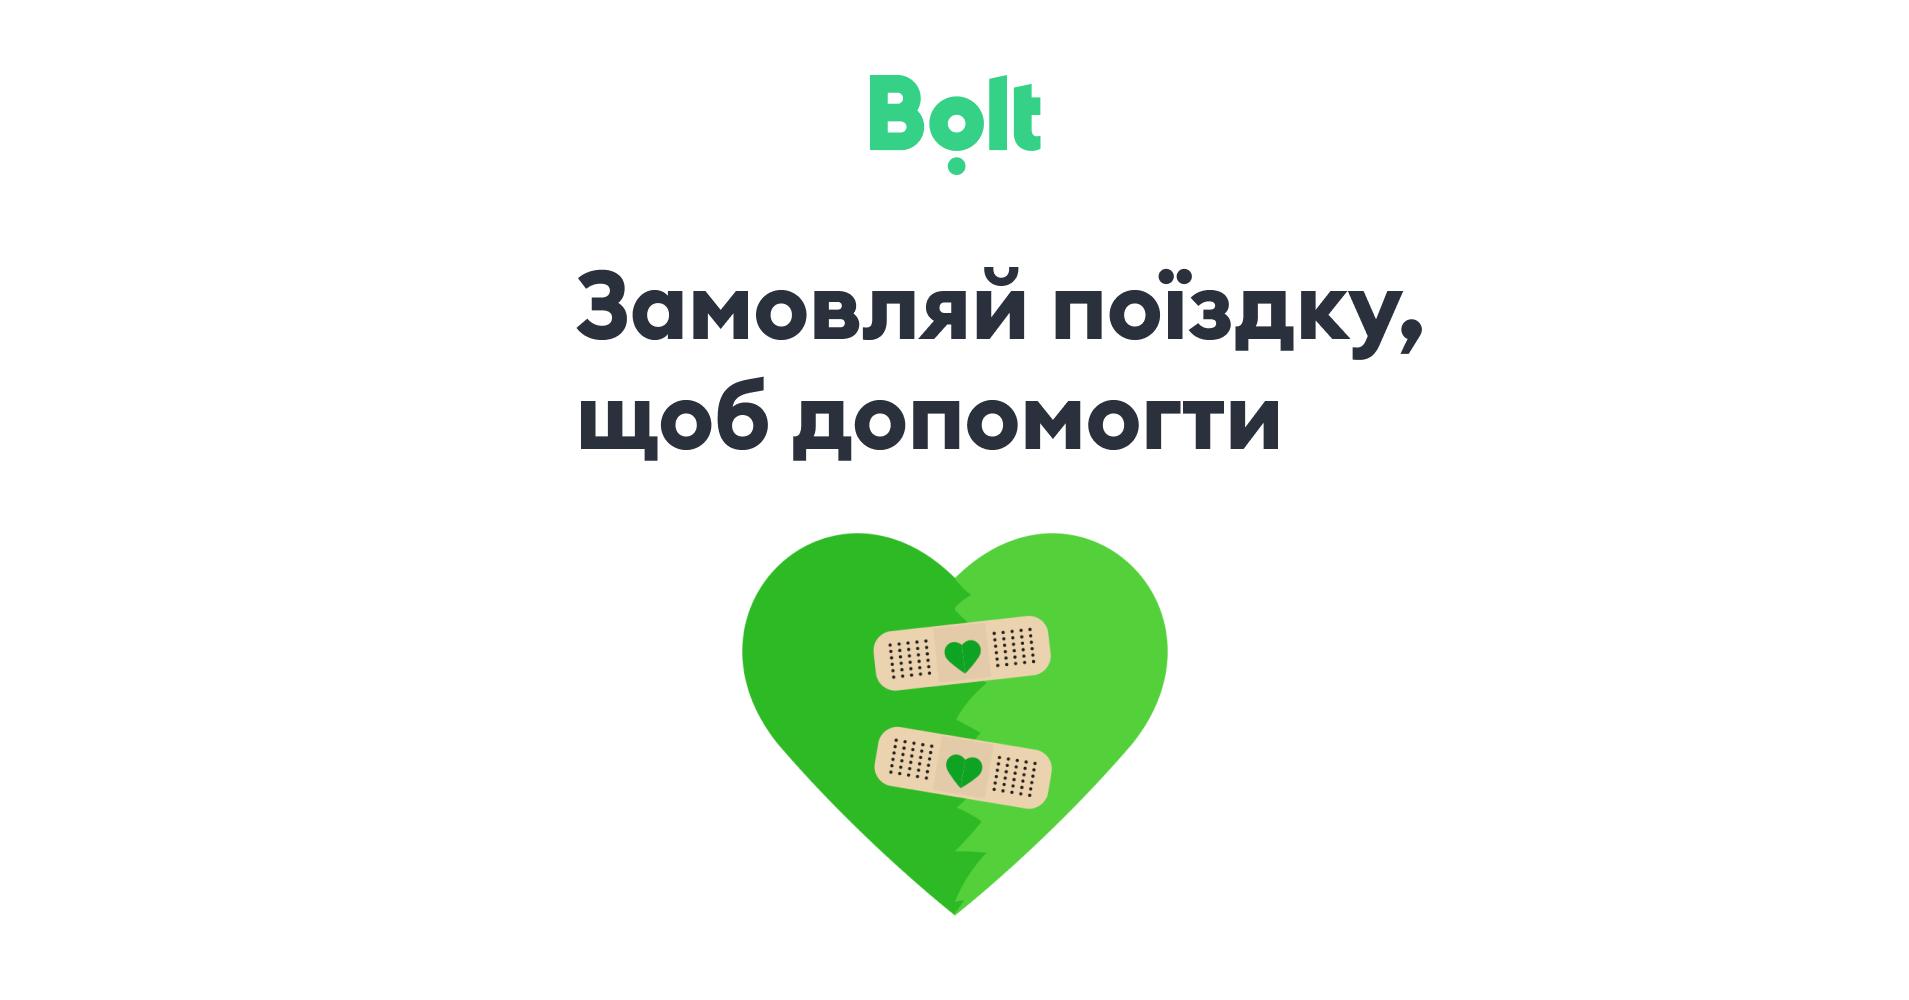 Благотворительная акция Bolt. Источник фото: Bolt